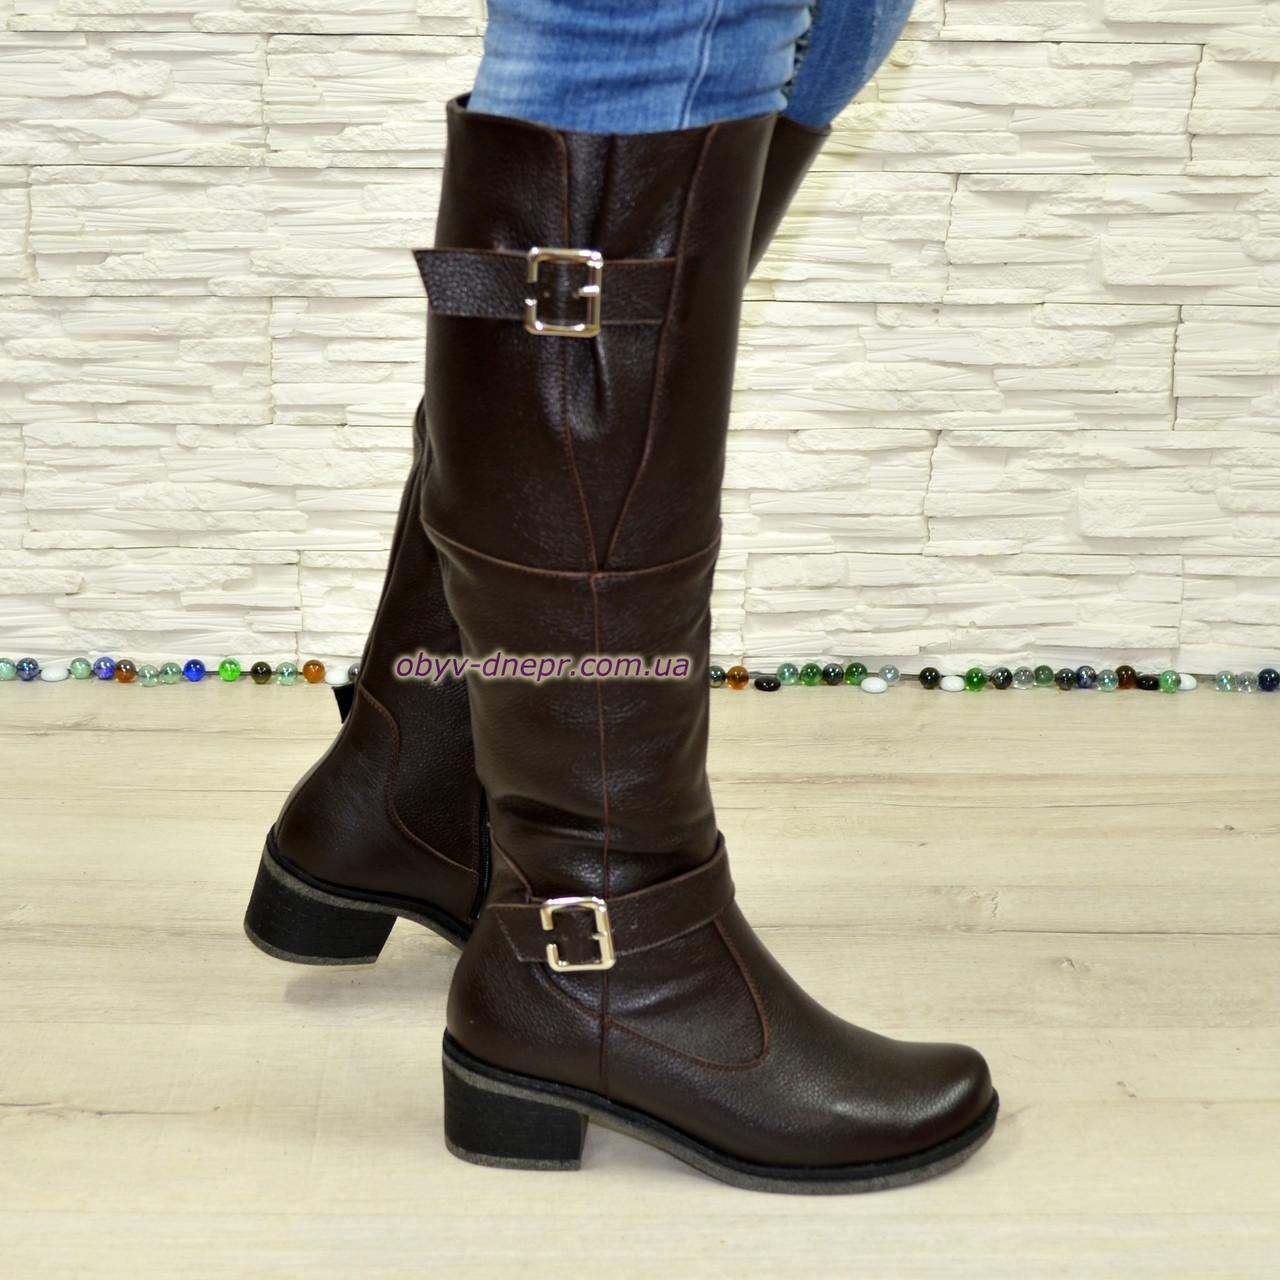 Сапоги женские   на каблуке, натуральная коричневая кожа флотар.